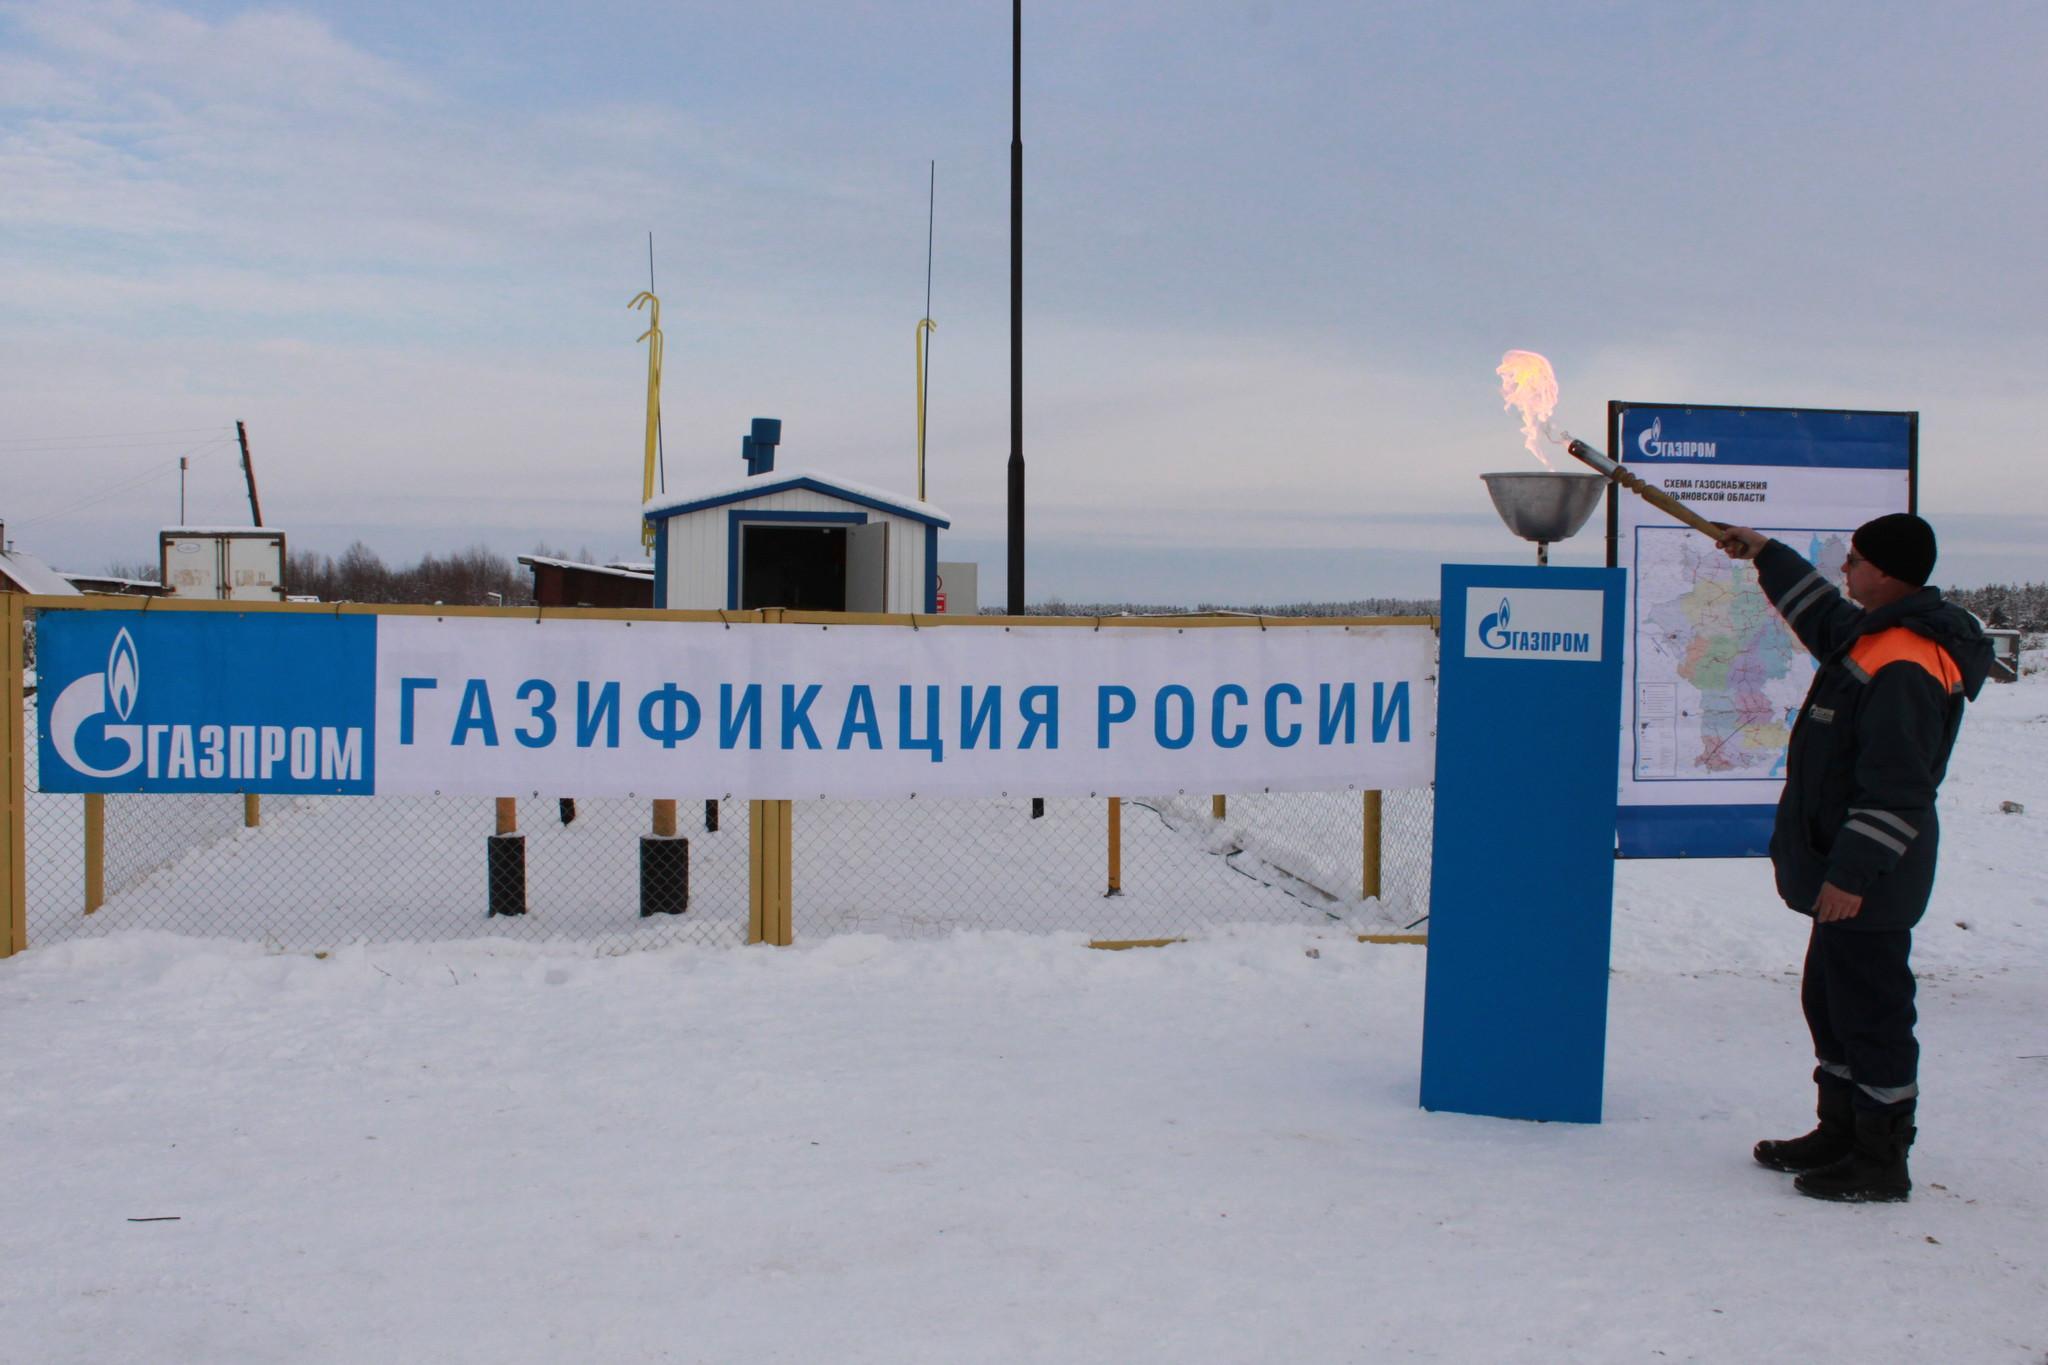 Ульяновская облость николаевский район село топорнино